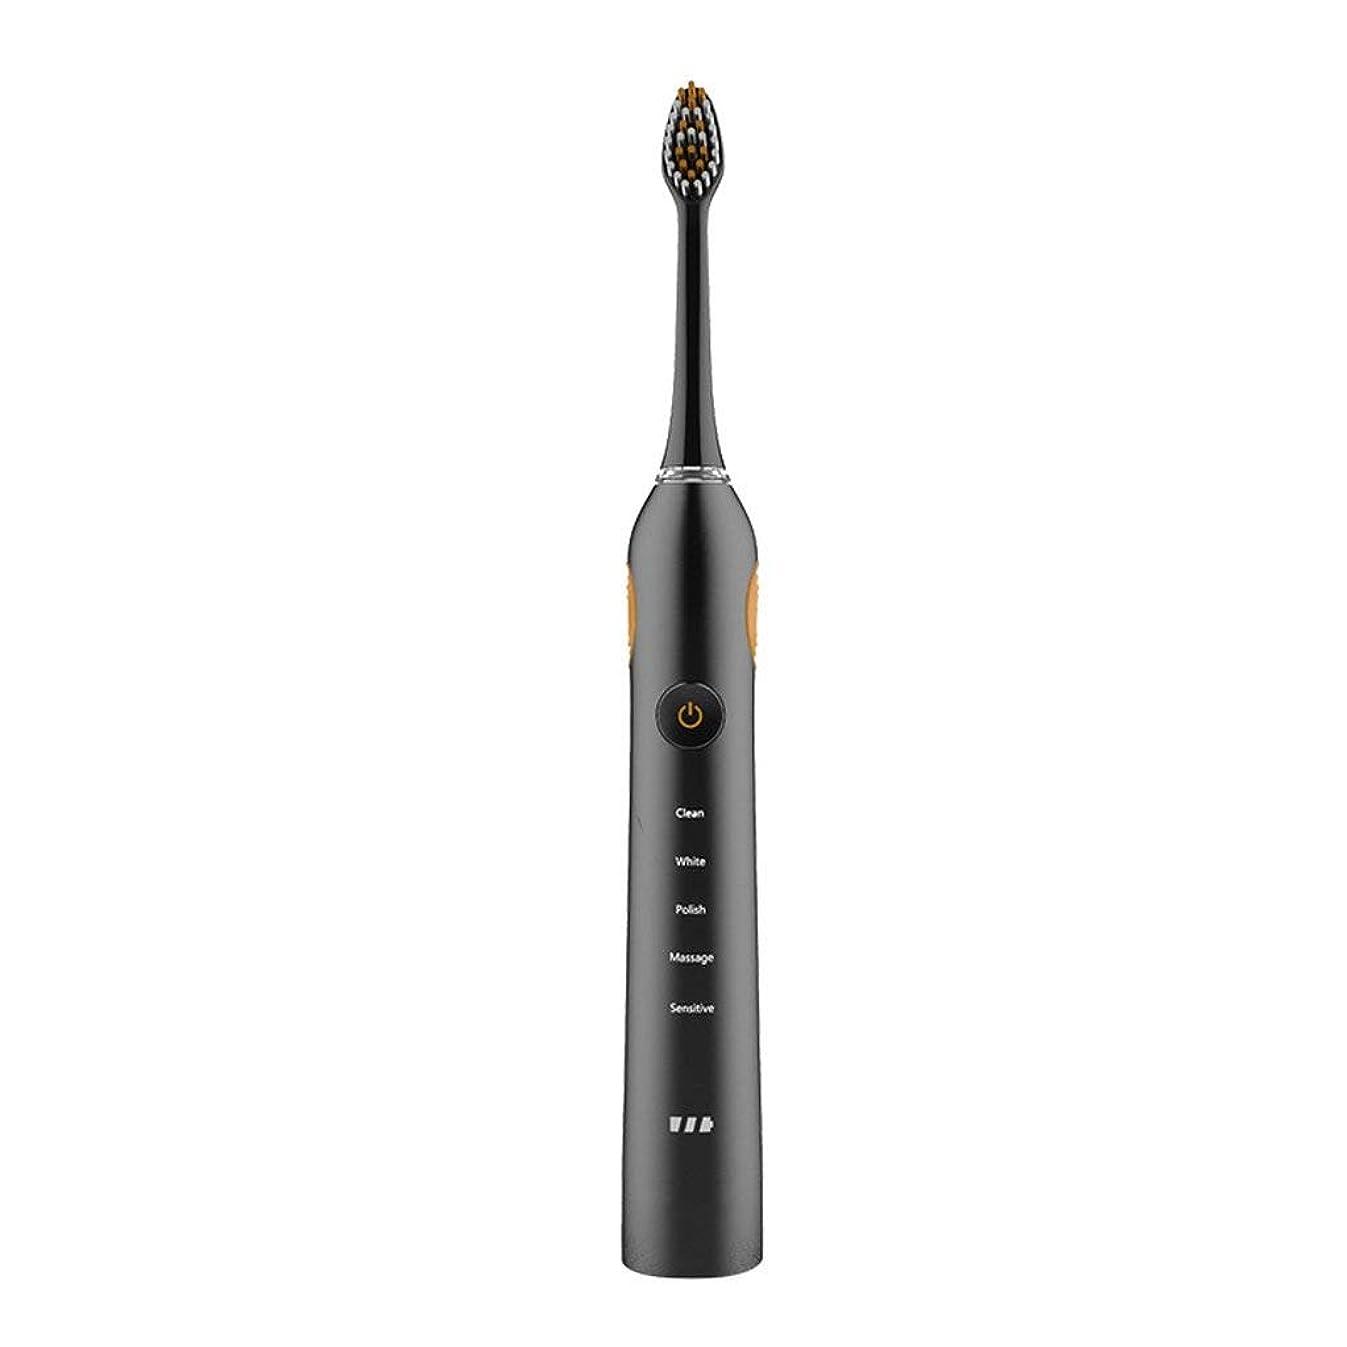 支店不正直心配する音波歯ブラシIPX7防水電動歯ブラシ低ノイズ電動歯ブラシ2交換ヘッド5ブラッシングモード(色:B)